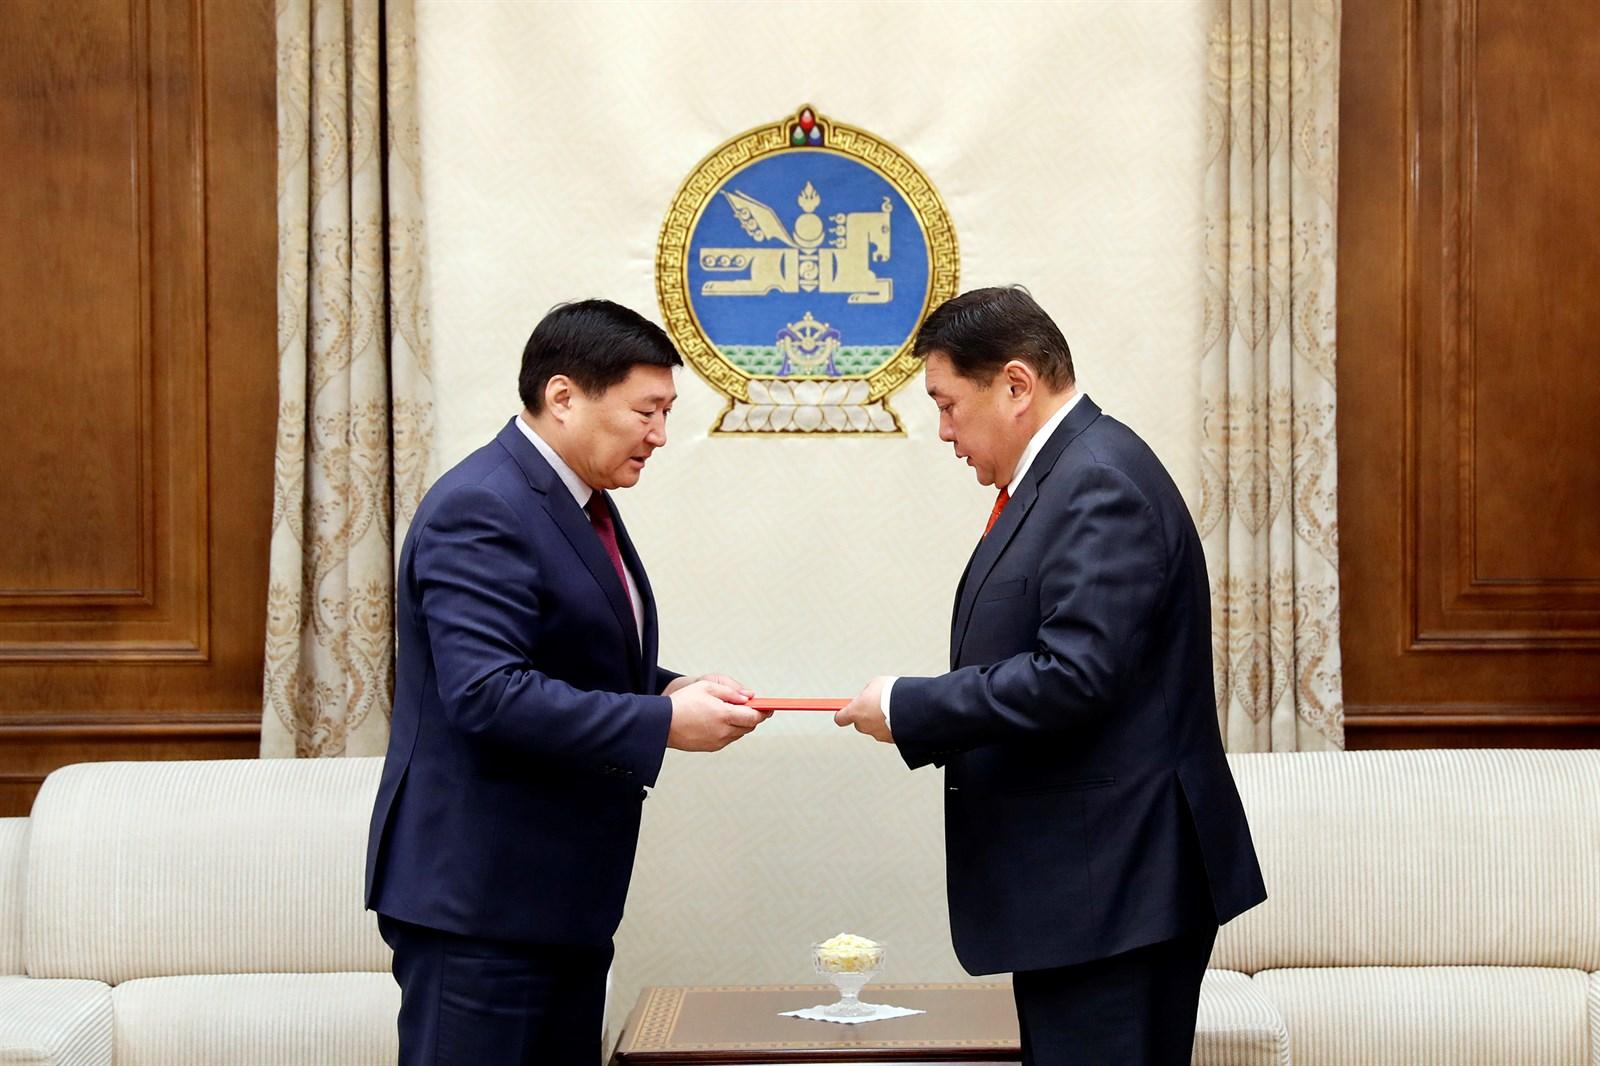 Монгол Улс, Бүгд Найрамдах Турк Улс хоорондын Хэлэлцээр соёрхон батлах төслийг өргөн барилаа